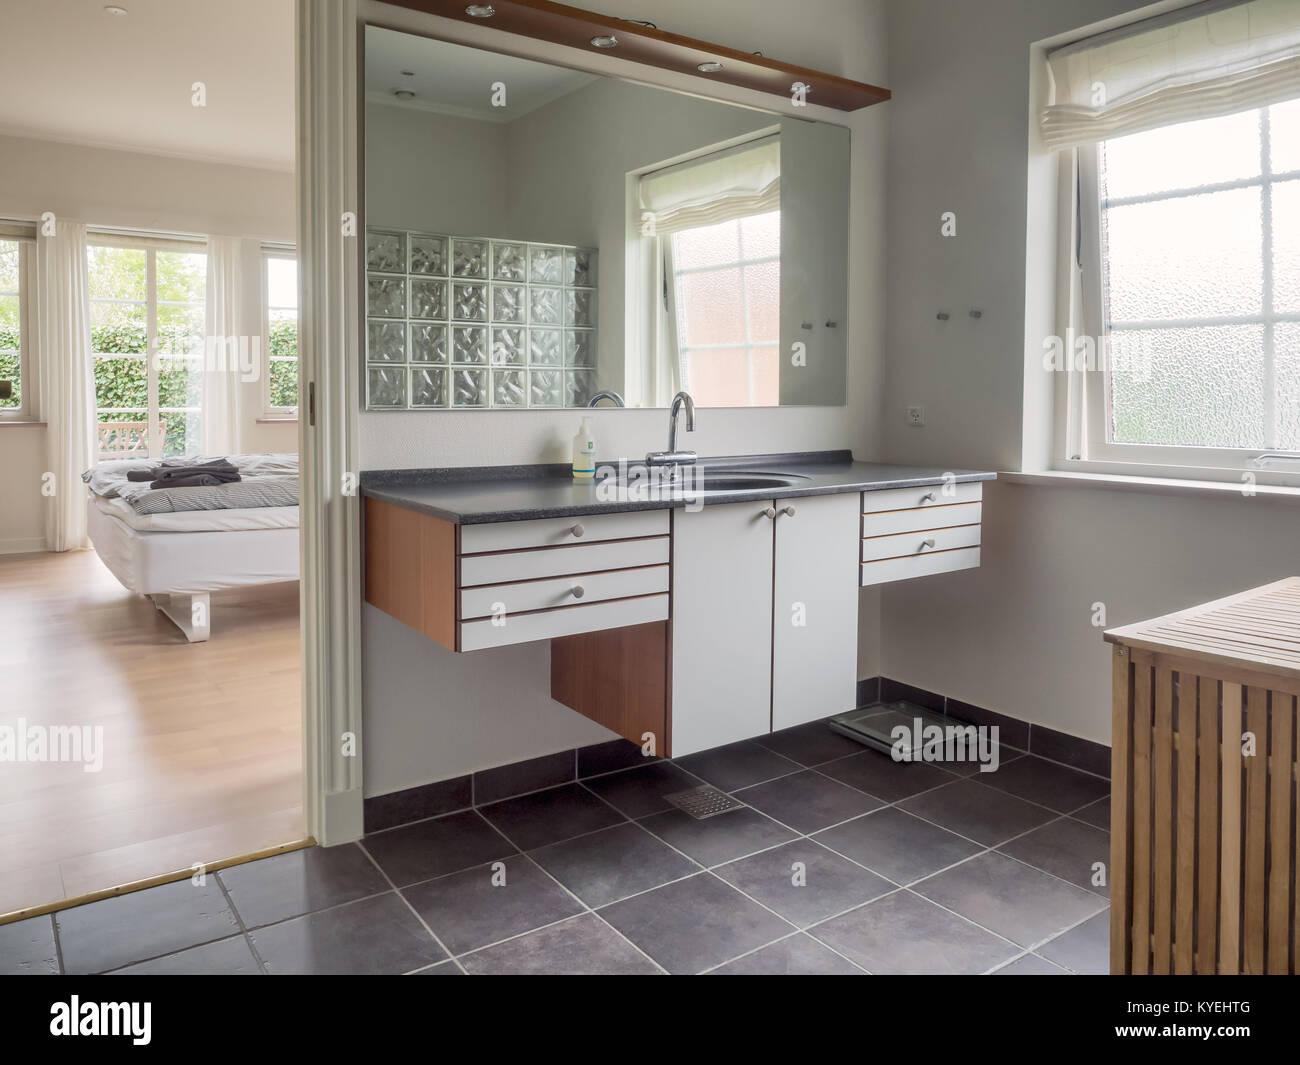 Toilette Da Bagno : Interno da una casa scandinava toilette o bagno foto & immagine